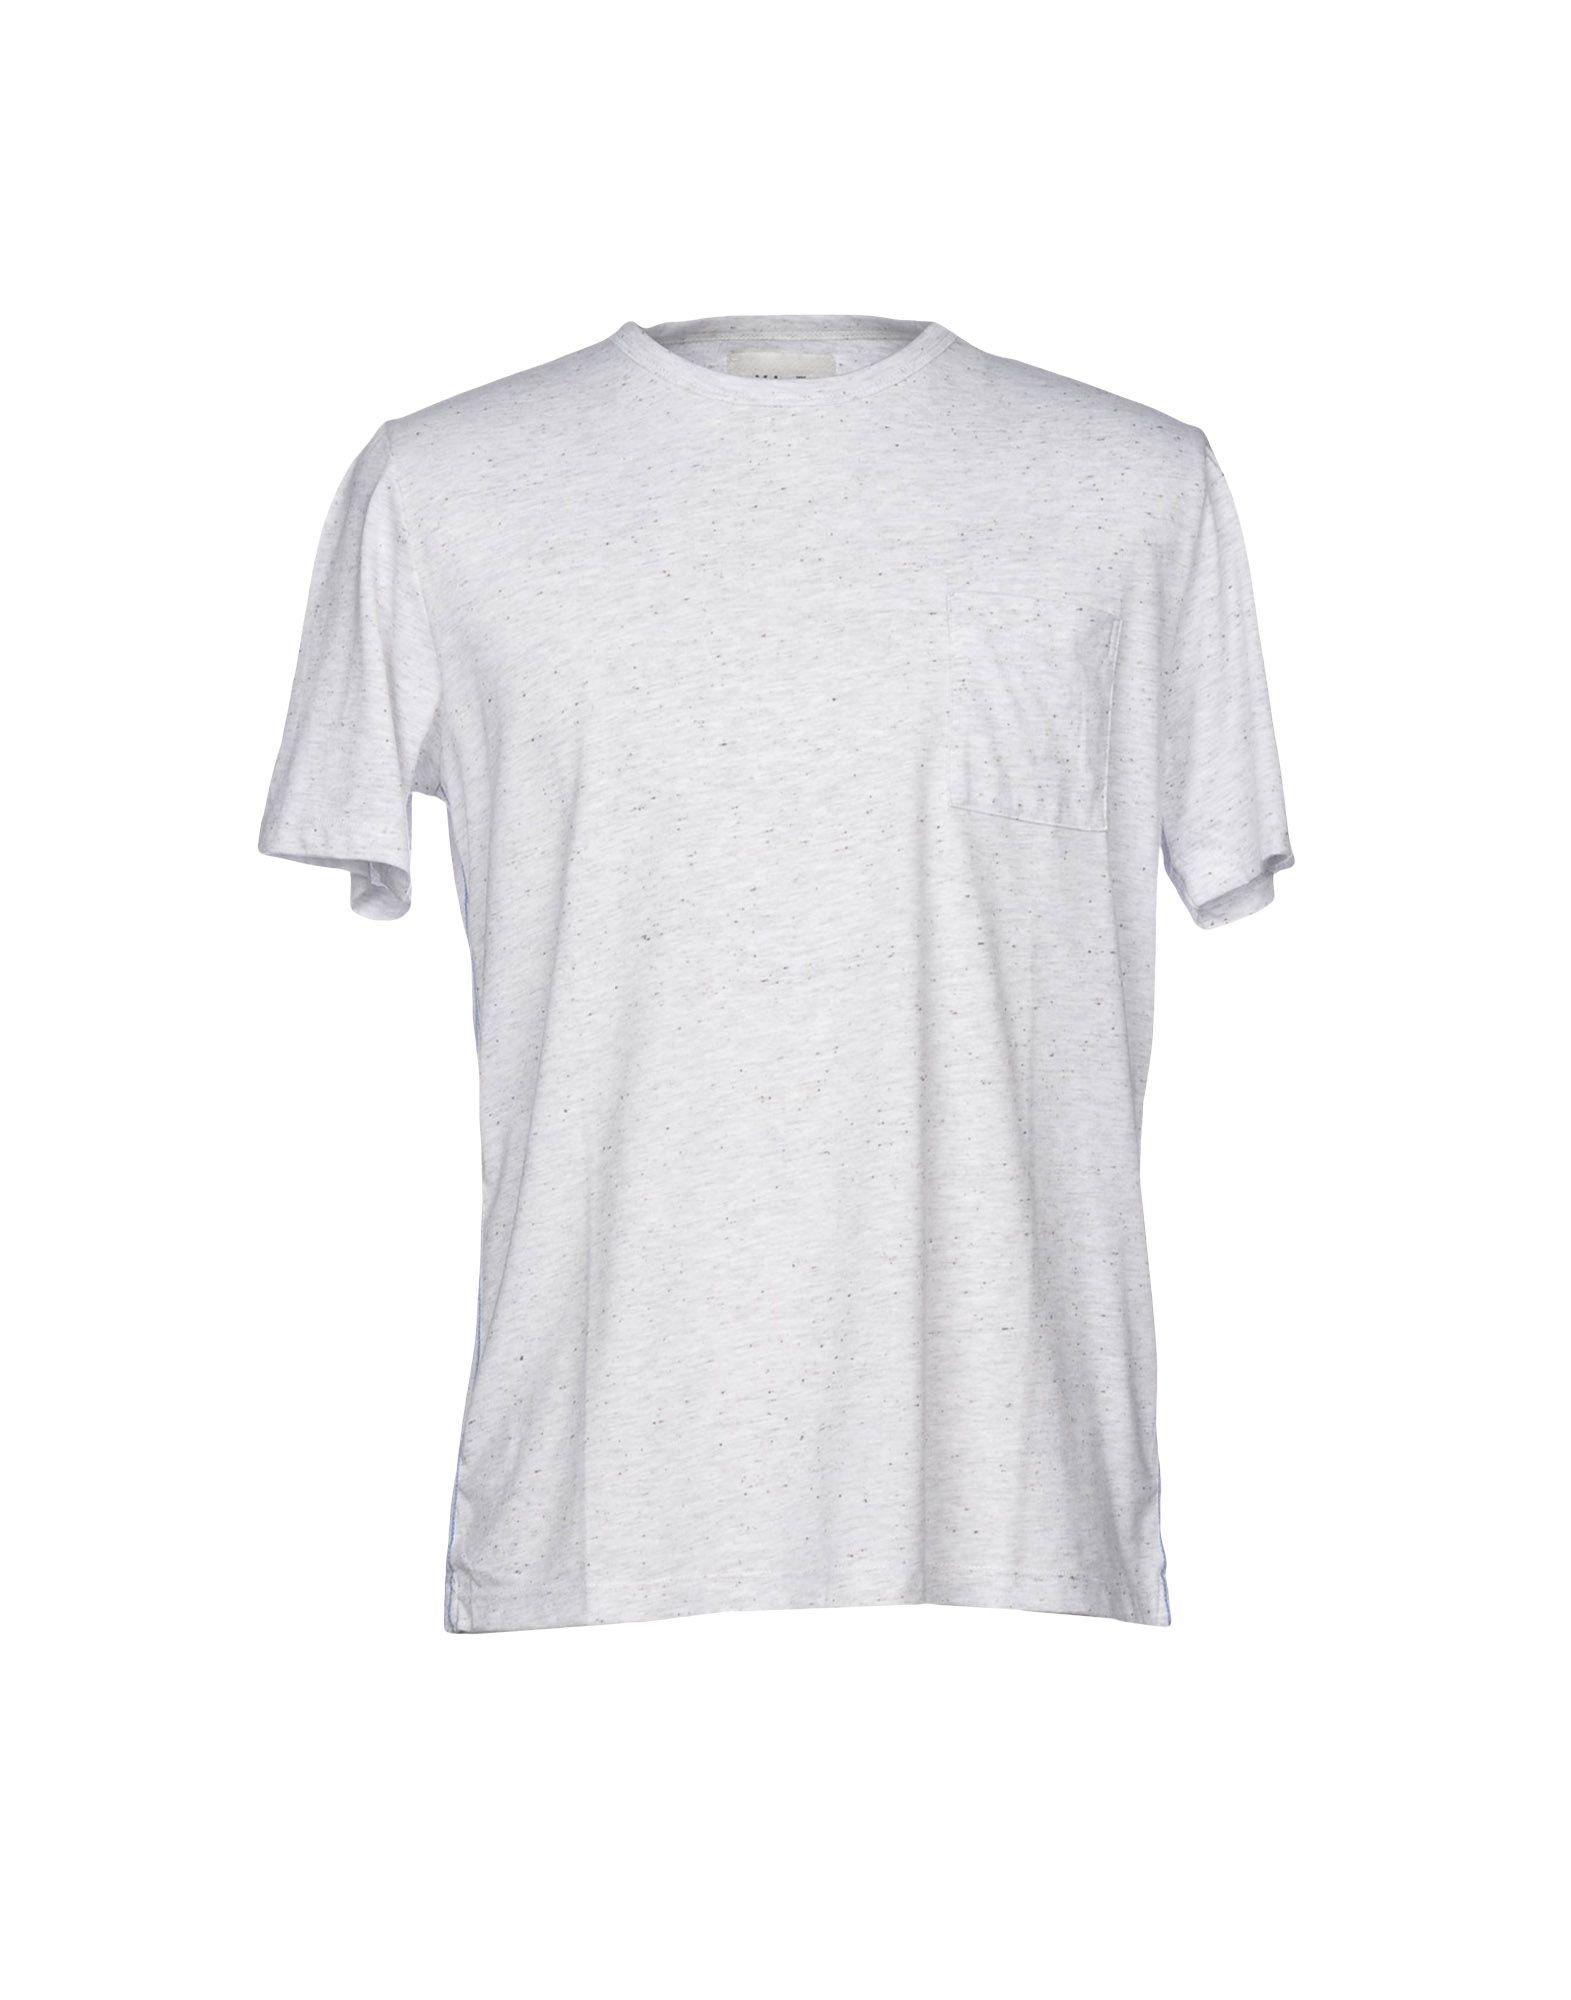 《送料無料》VI.E SIX EDGES メンズ T シャツ ライトグレー S 100% コットン